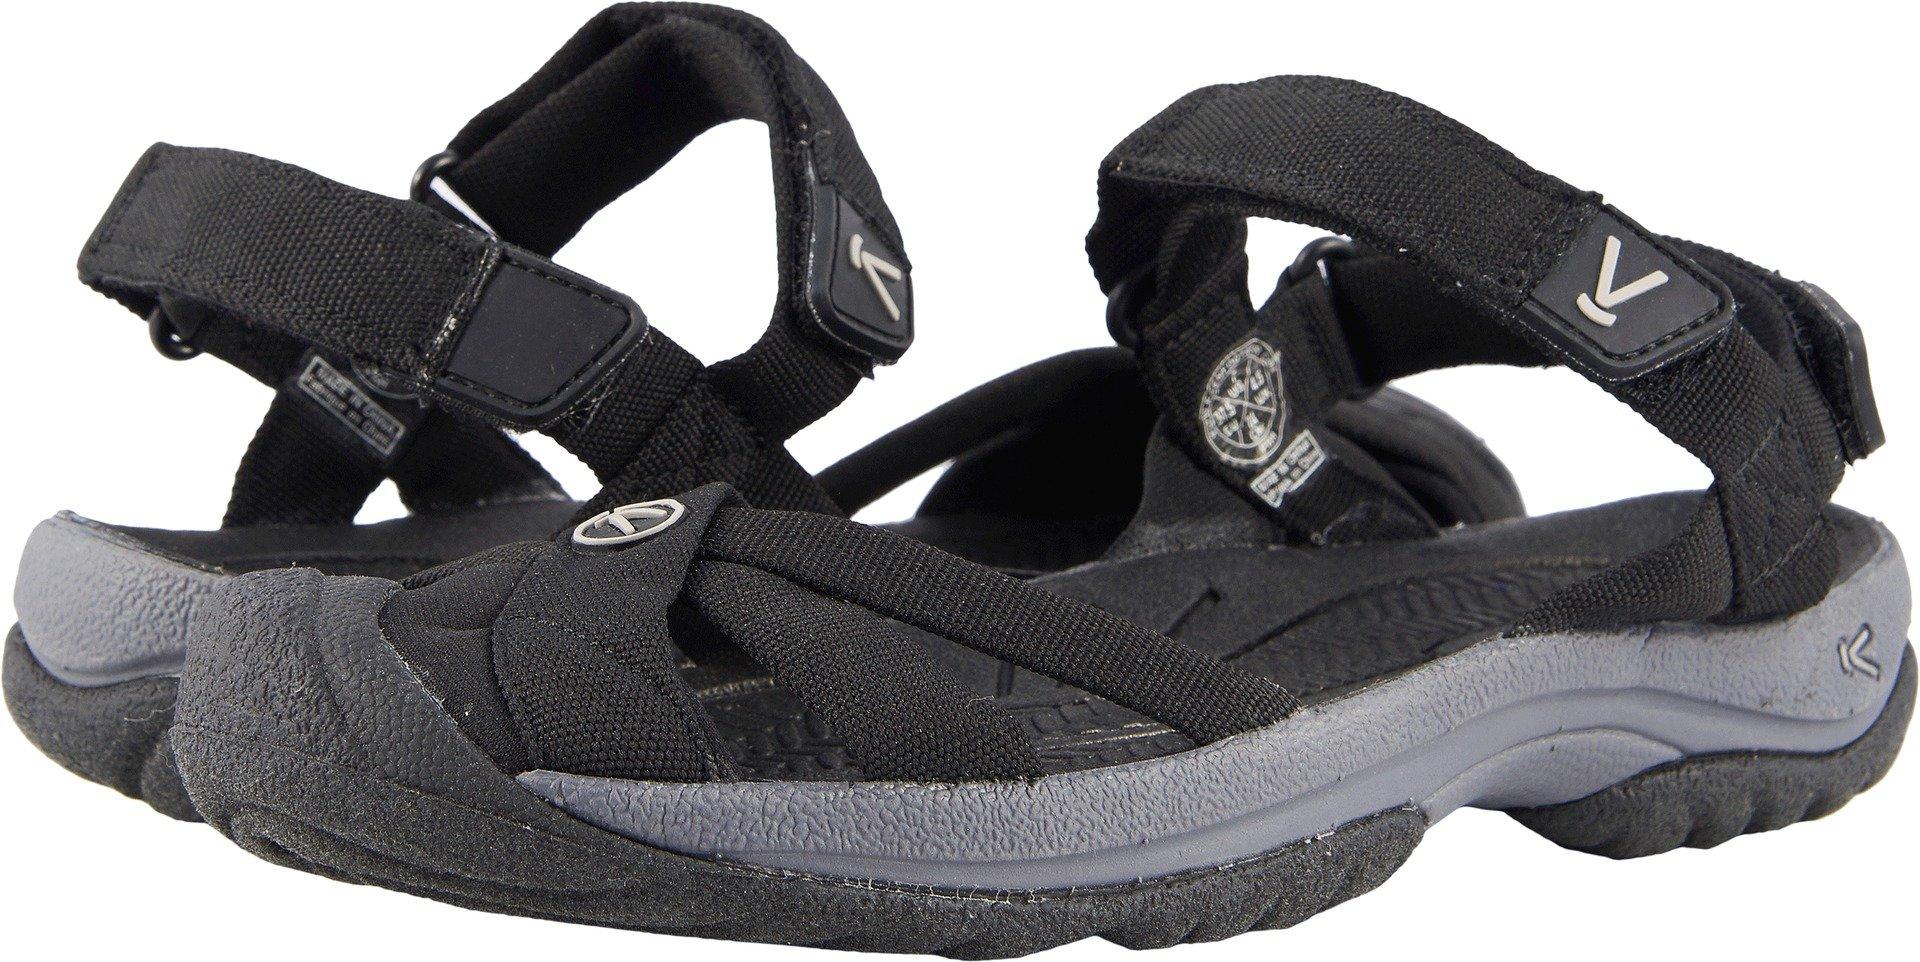 KEEN Women's Bali Strap-W Sandal, Black/Steel Grey, 9 M US